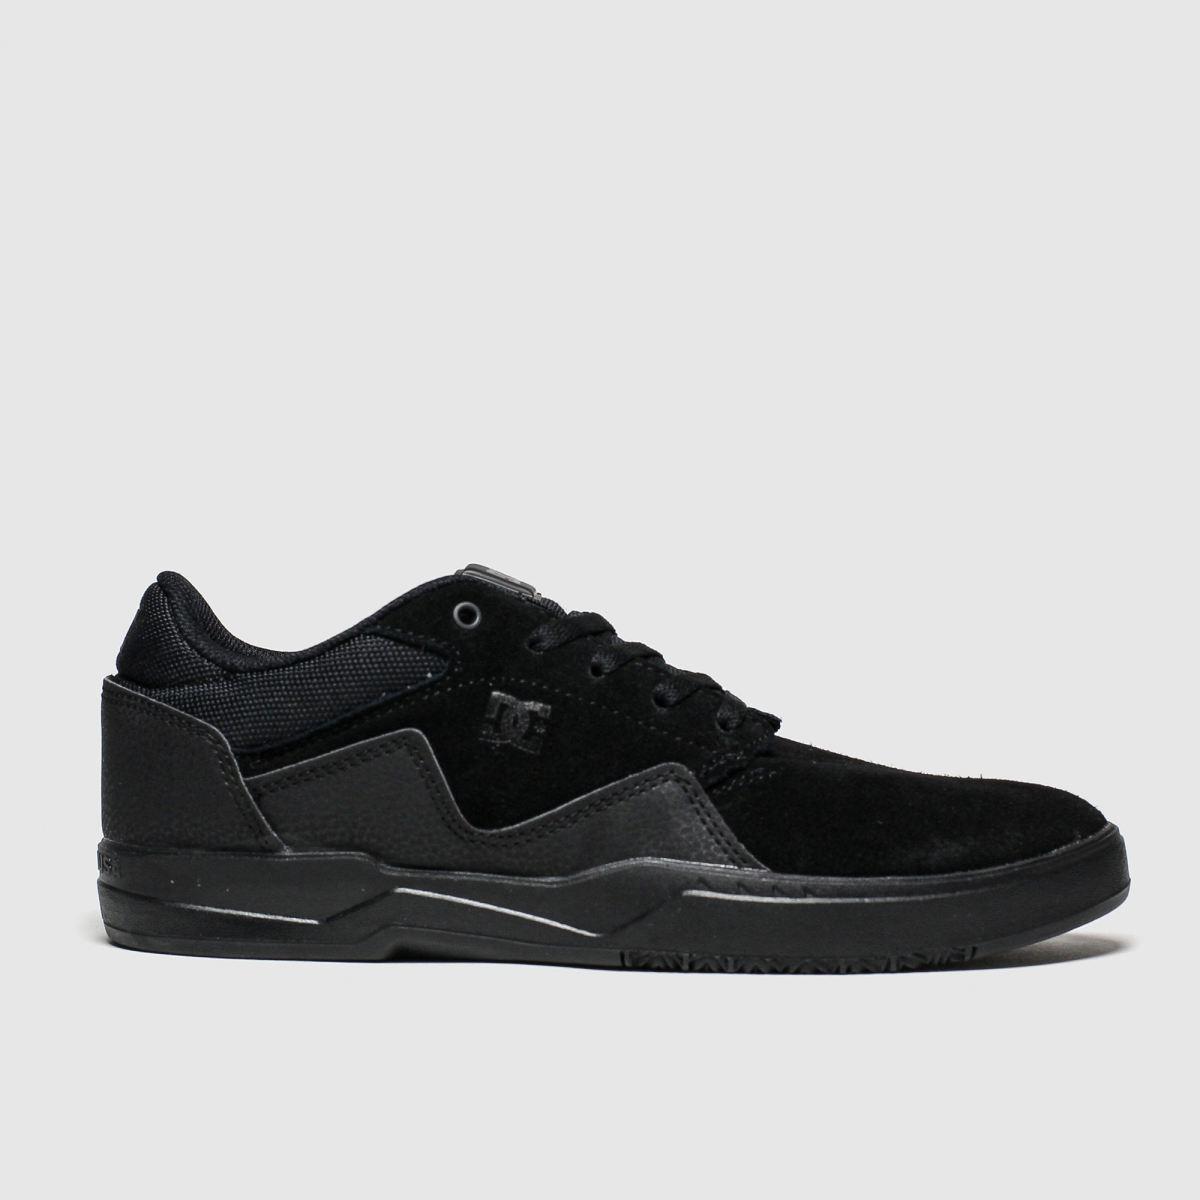 dc shoes Dc Shoes Black Barksdale Trainers